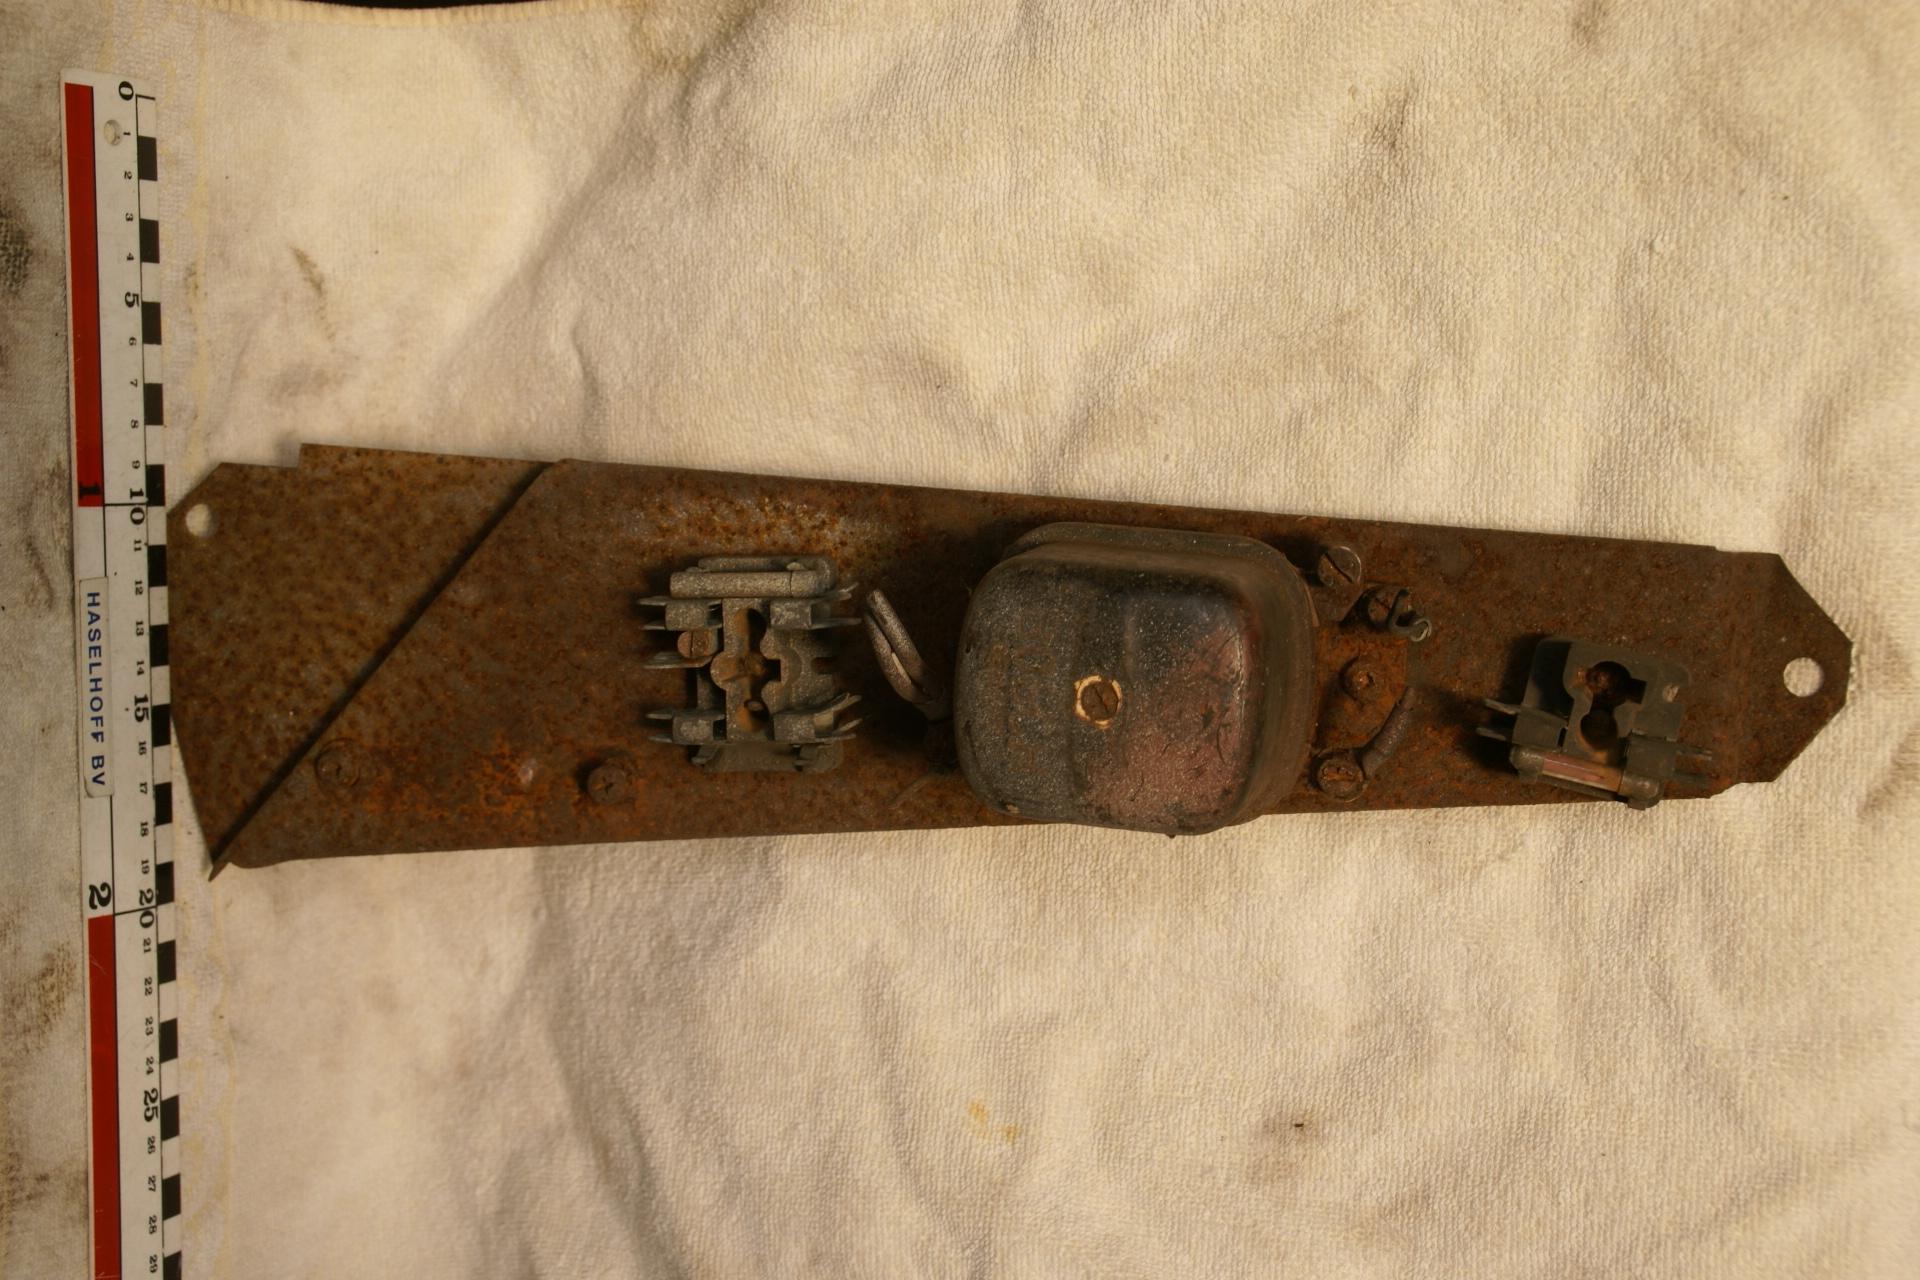 relaisplaat motorruimte met zekeringhouder 180704-5934-0